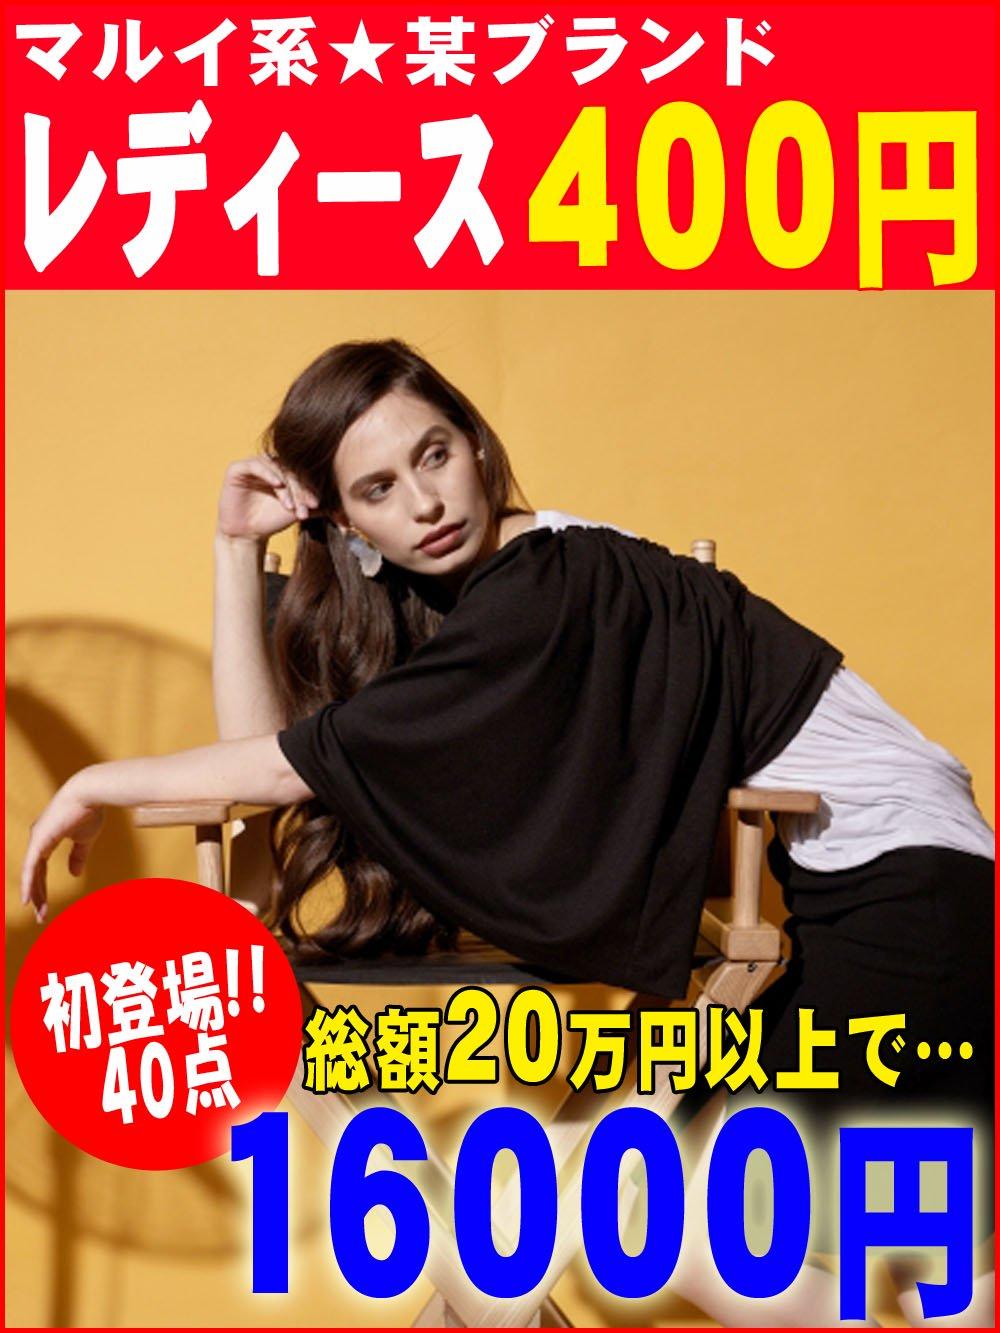 【 200,000円以上確定 】 マルイ系 レディース某ブランド アソートセット【40点】@400